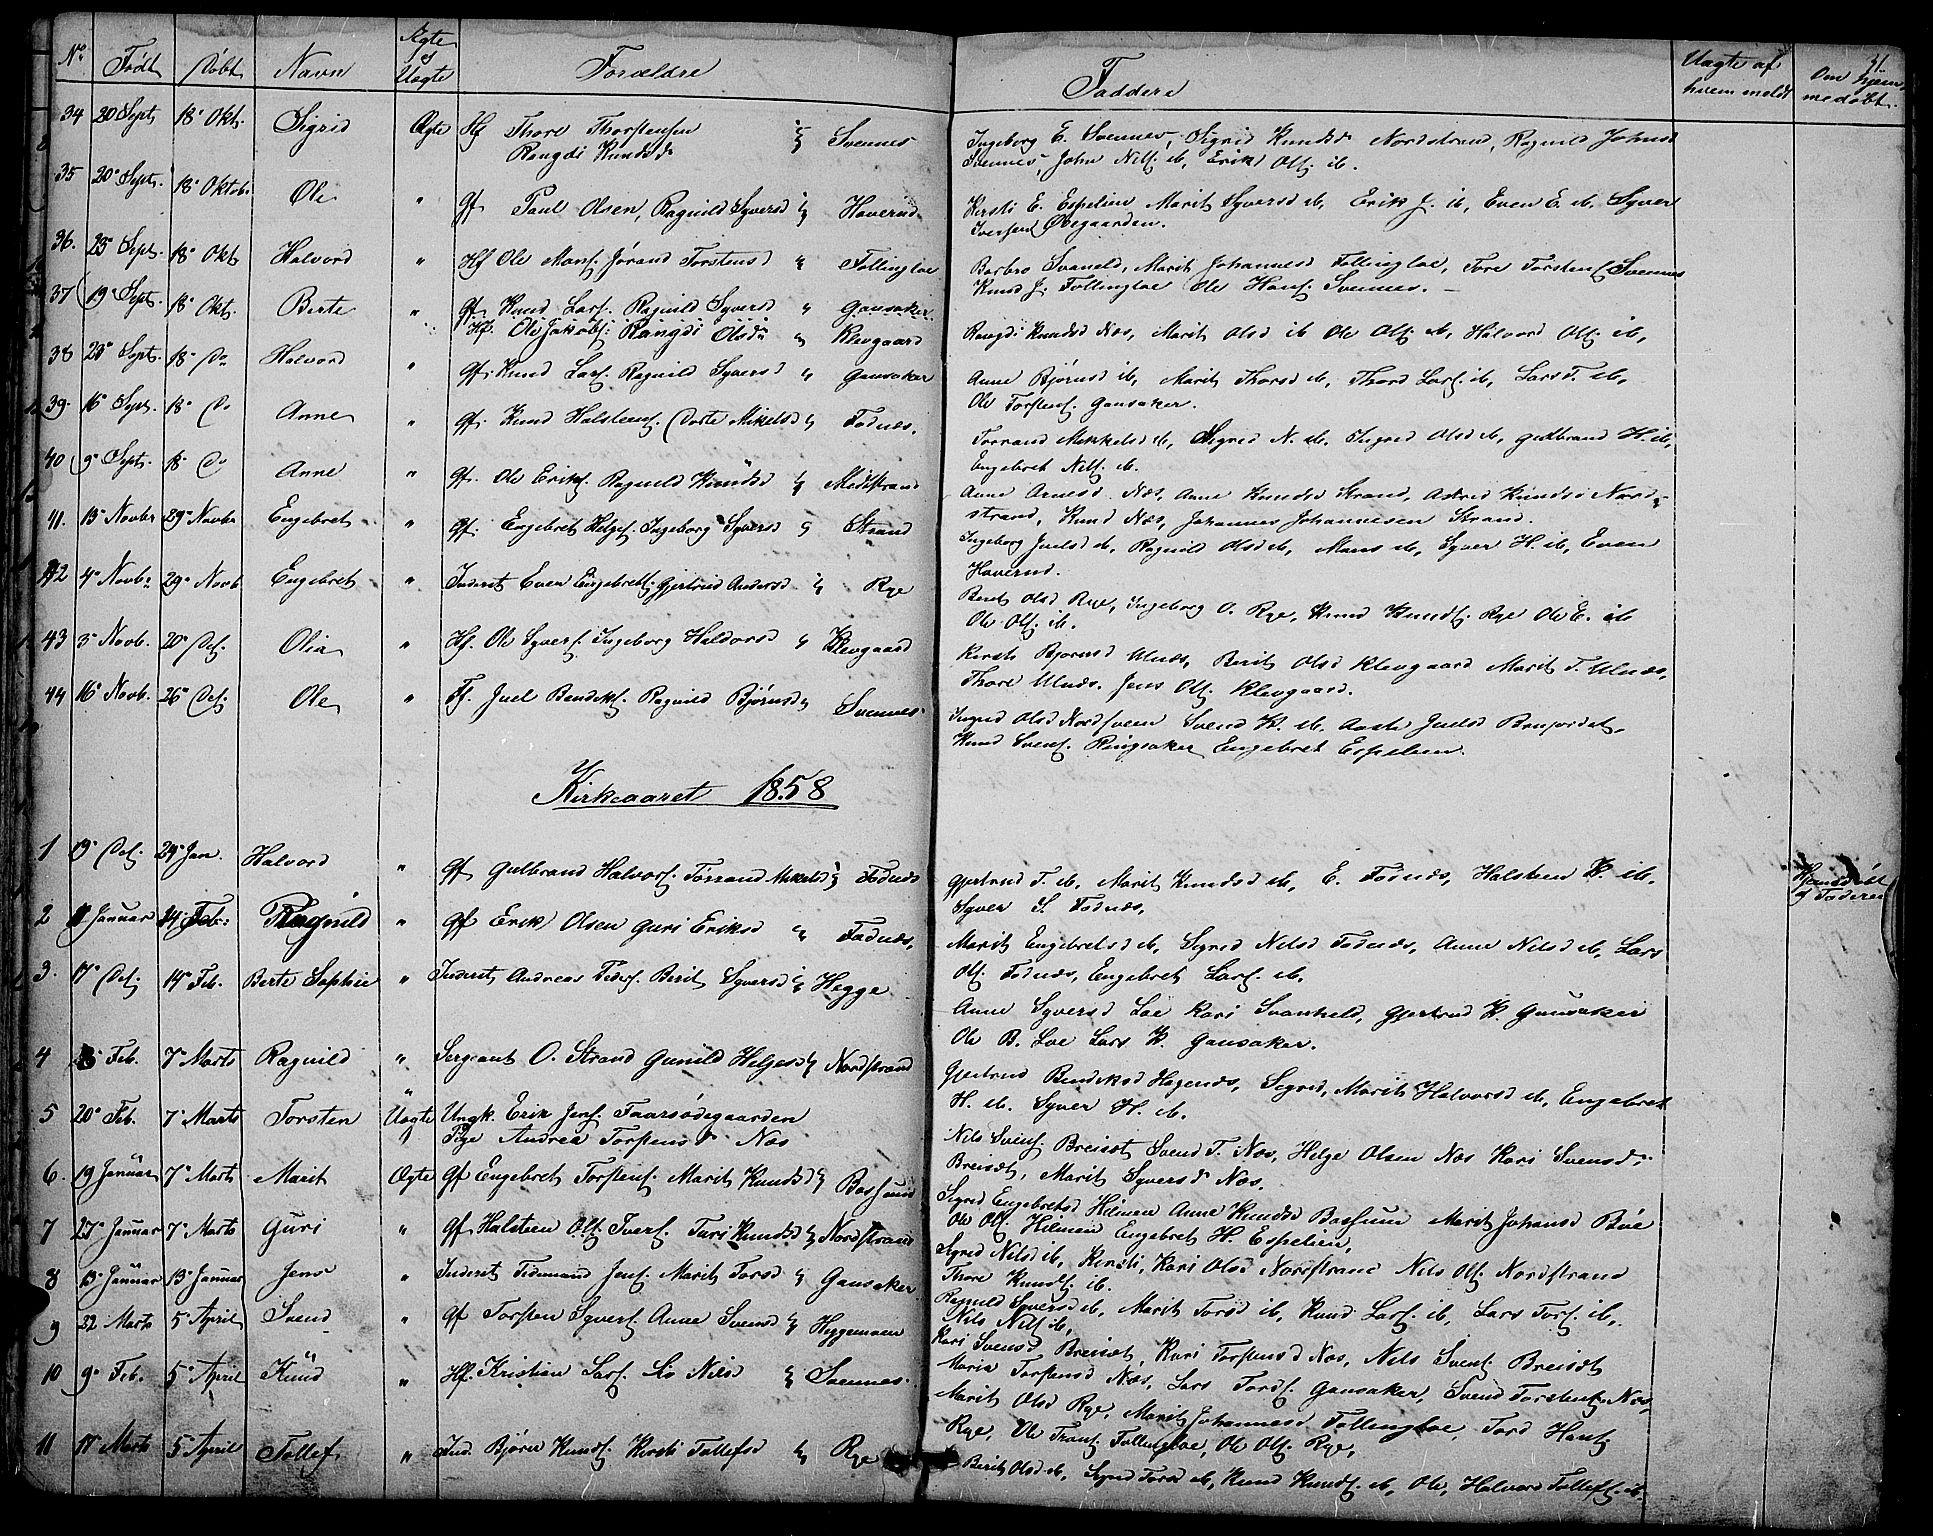 SAH, Nord-Aurdal prestekontor, Klokkerbok nr. 3, 1842-1882, s. 31